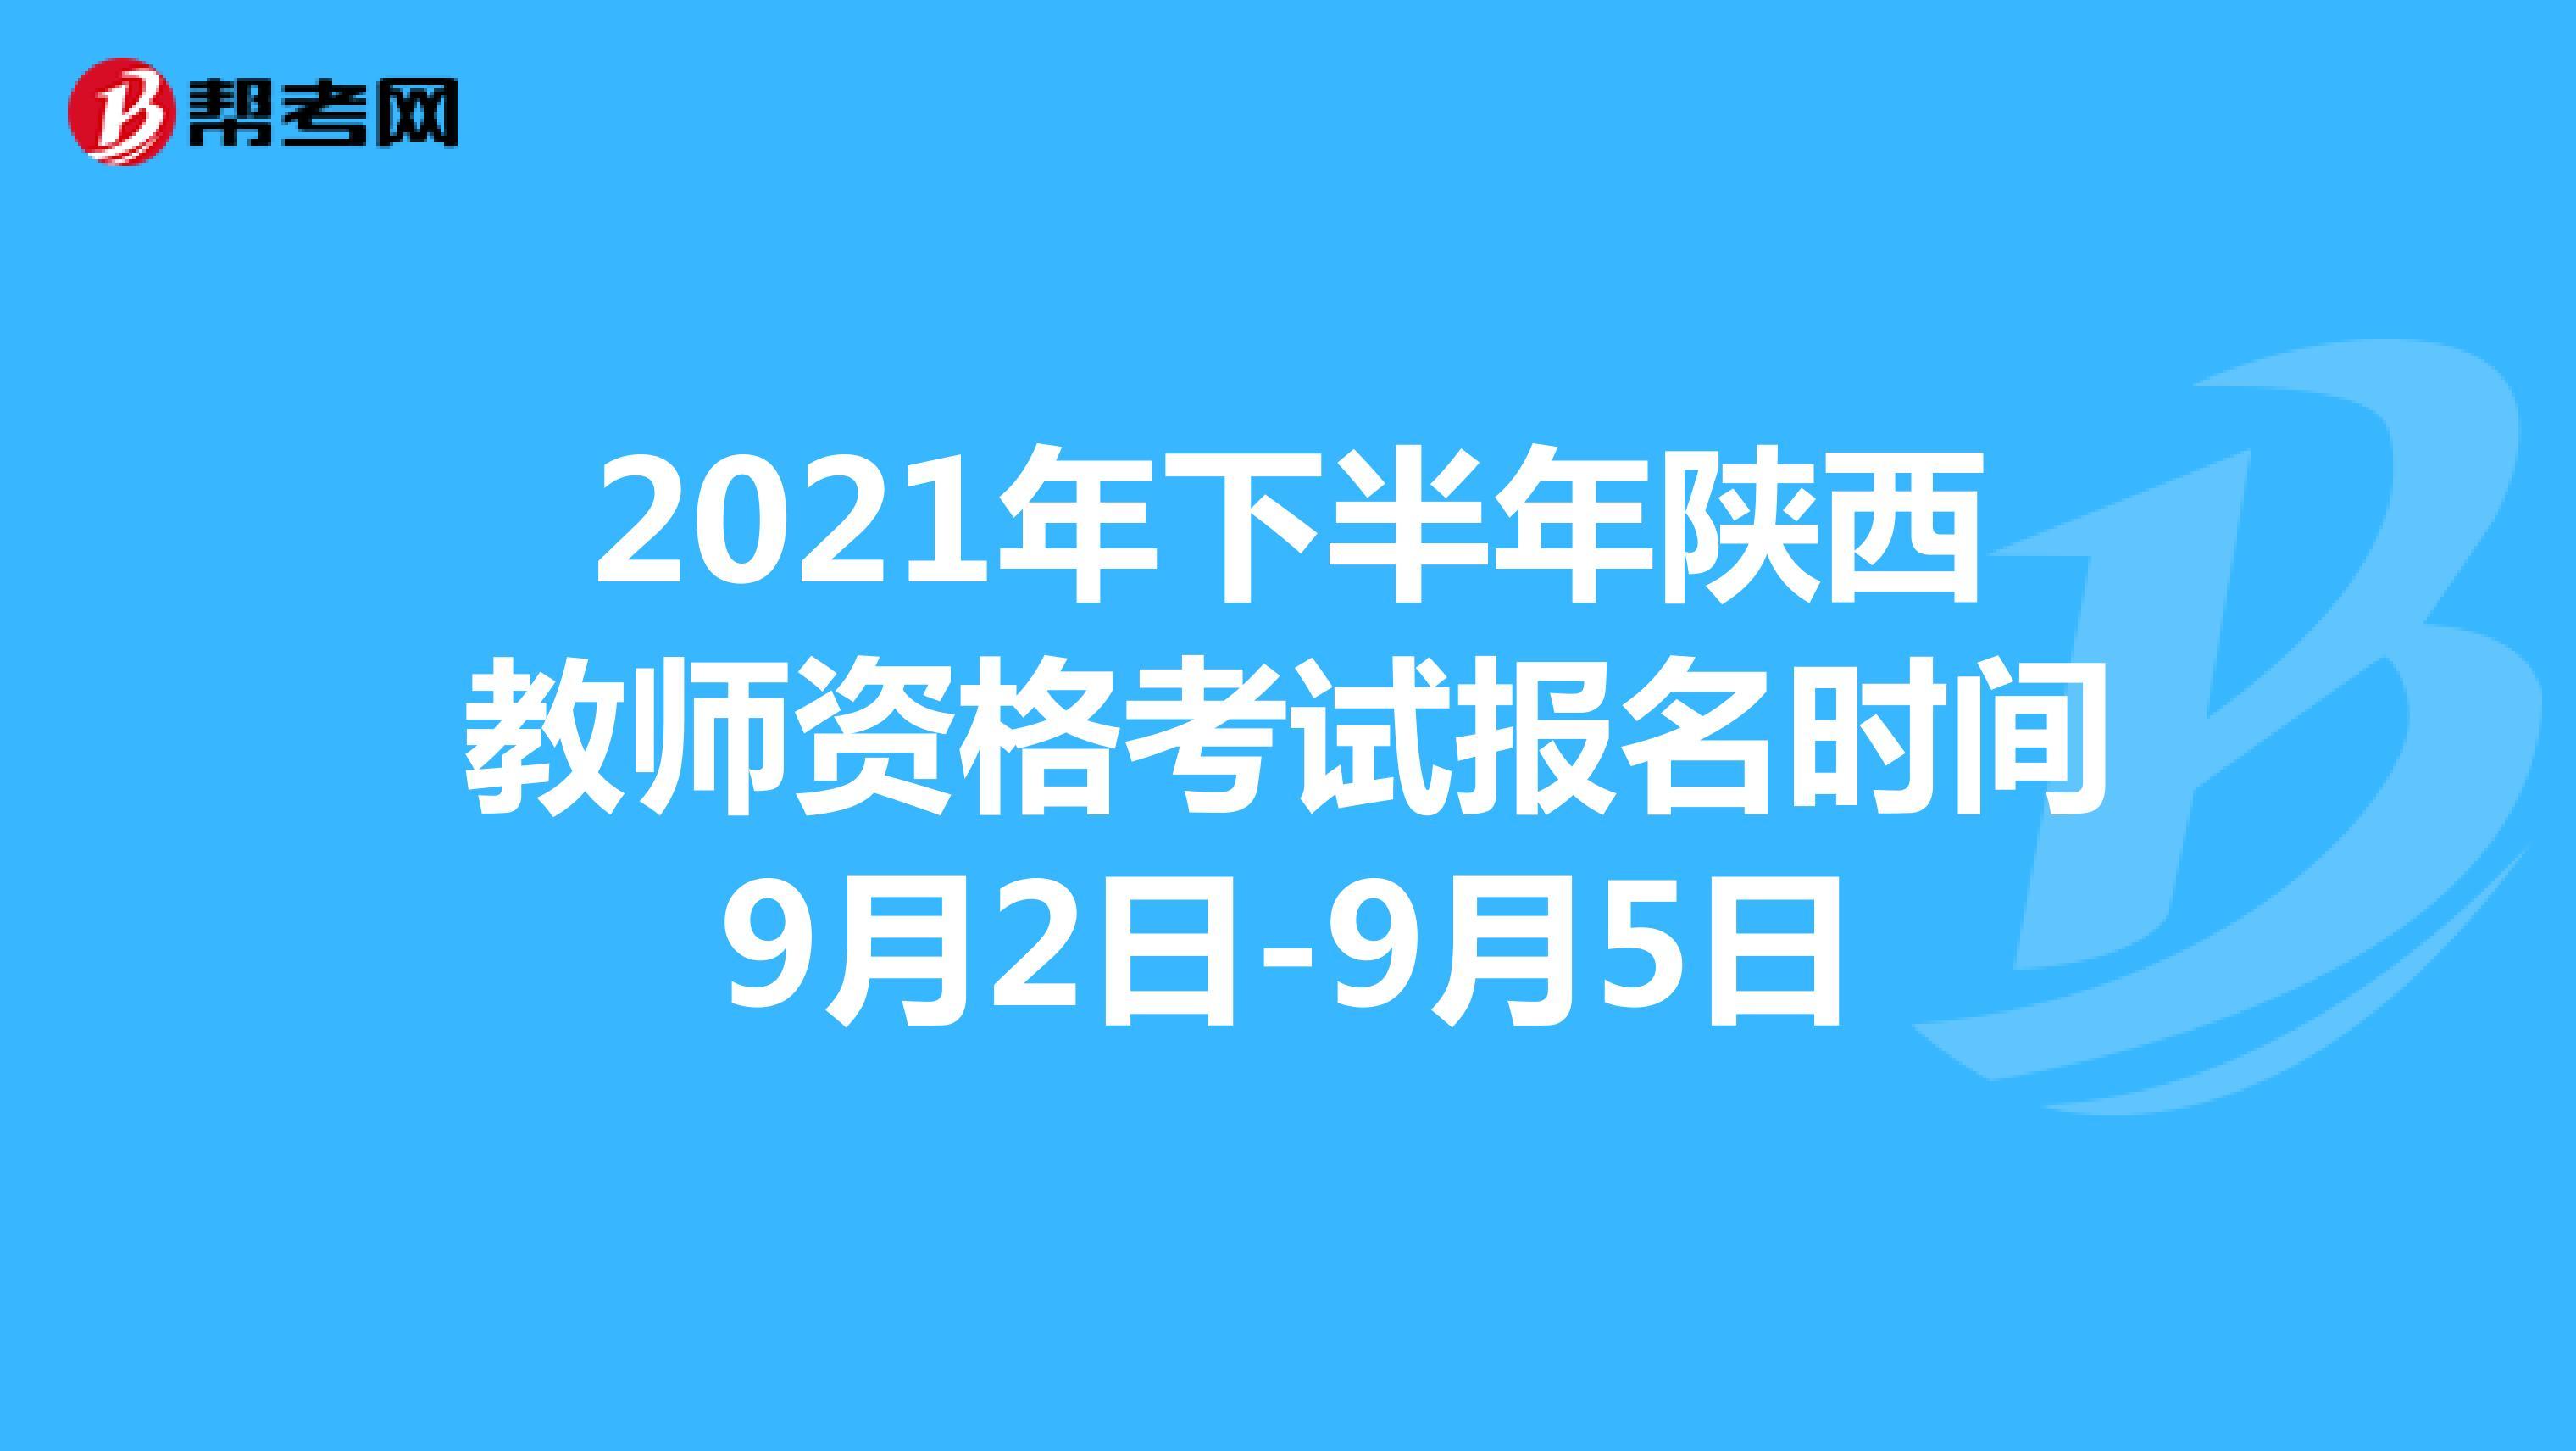 2021年下半年陕西教师资格考试报名时间9月2日-9月5日